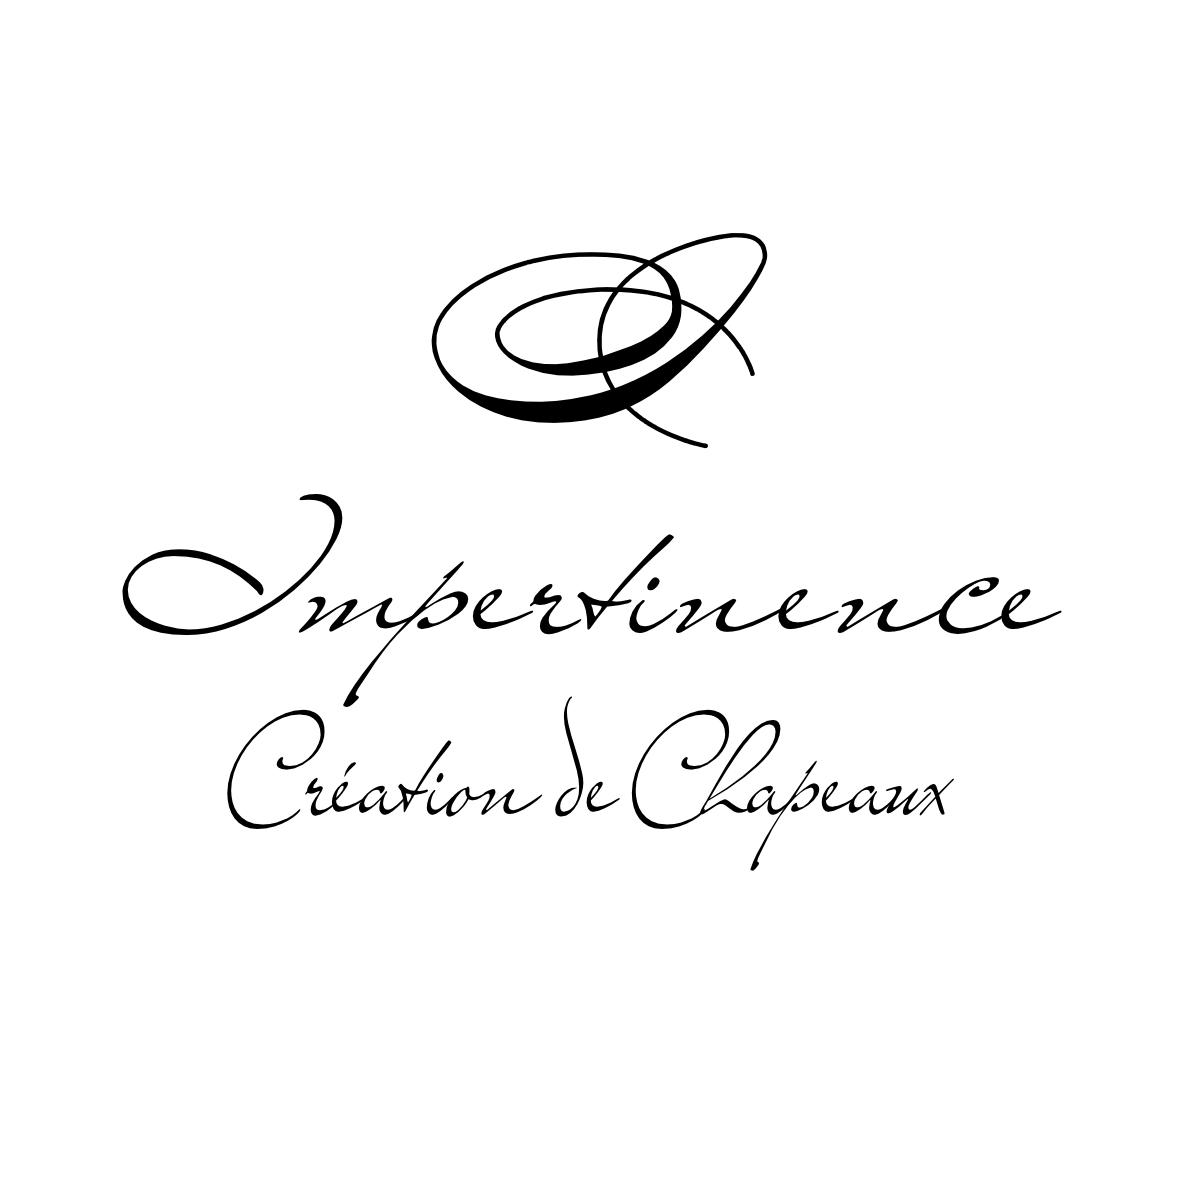 Logo Impertinence Création de chapeaux Noir Fond blanc - 2019 - carré 3.JPG